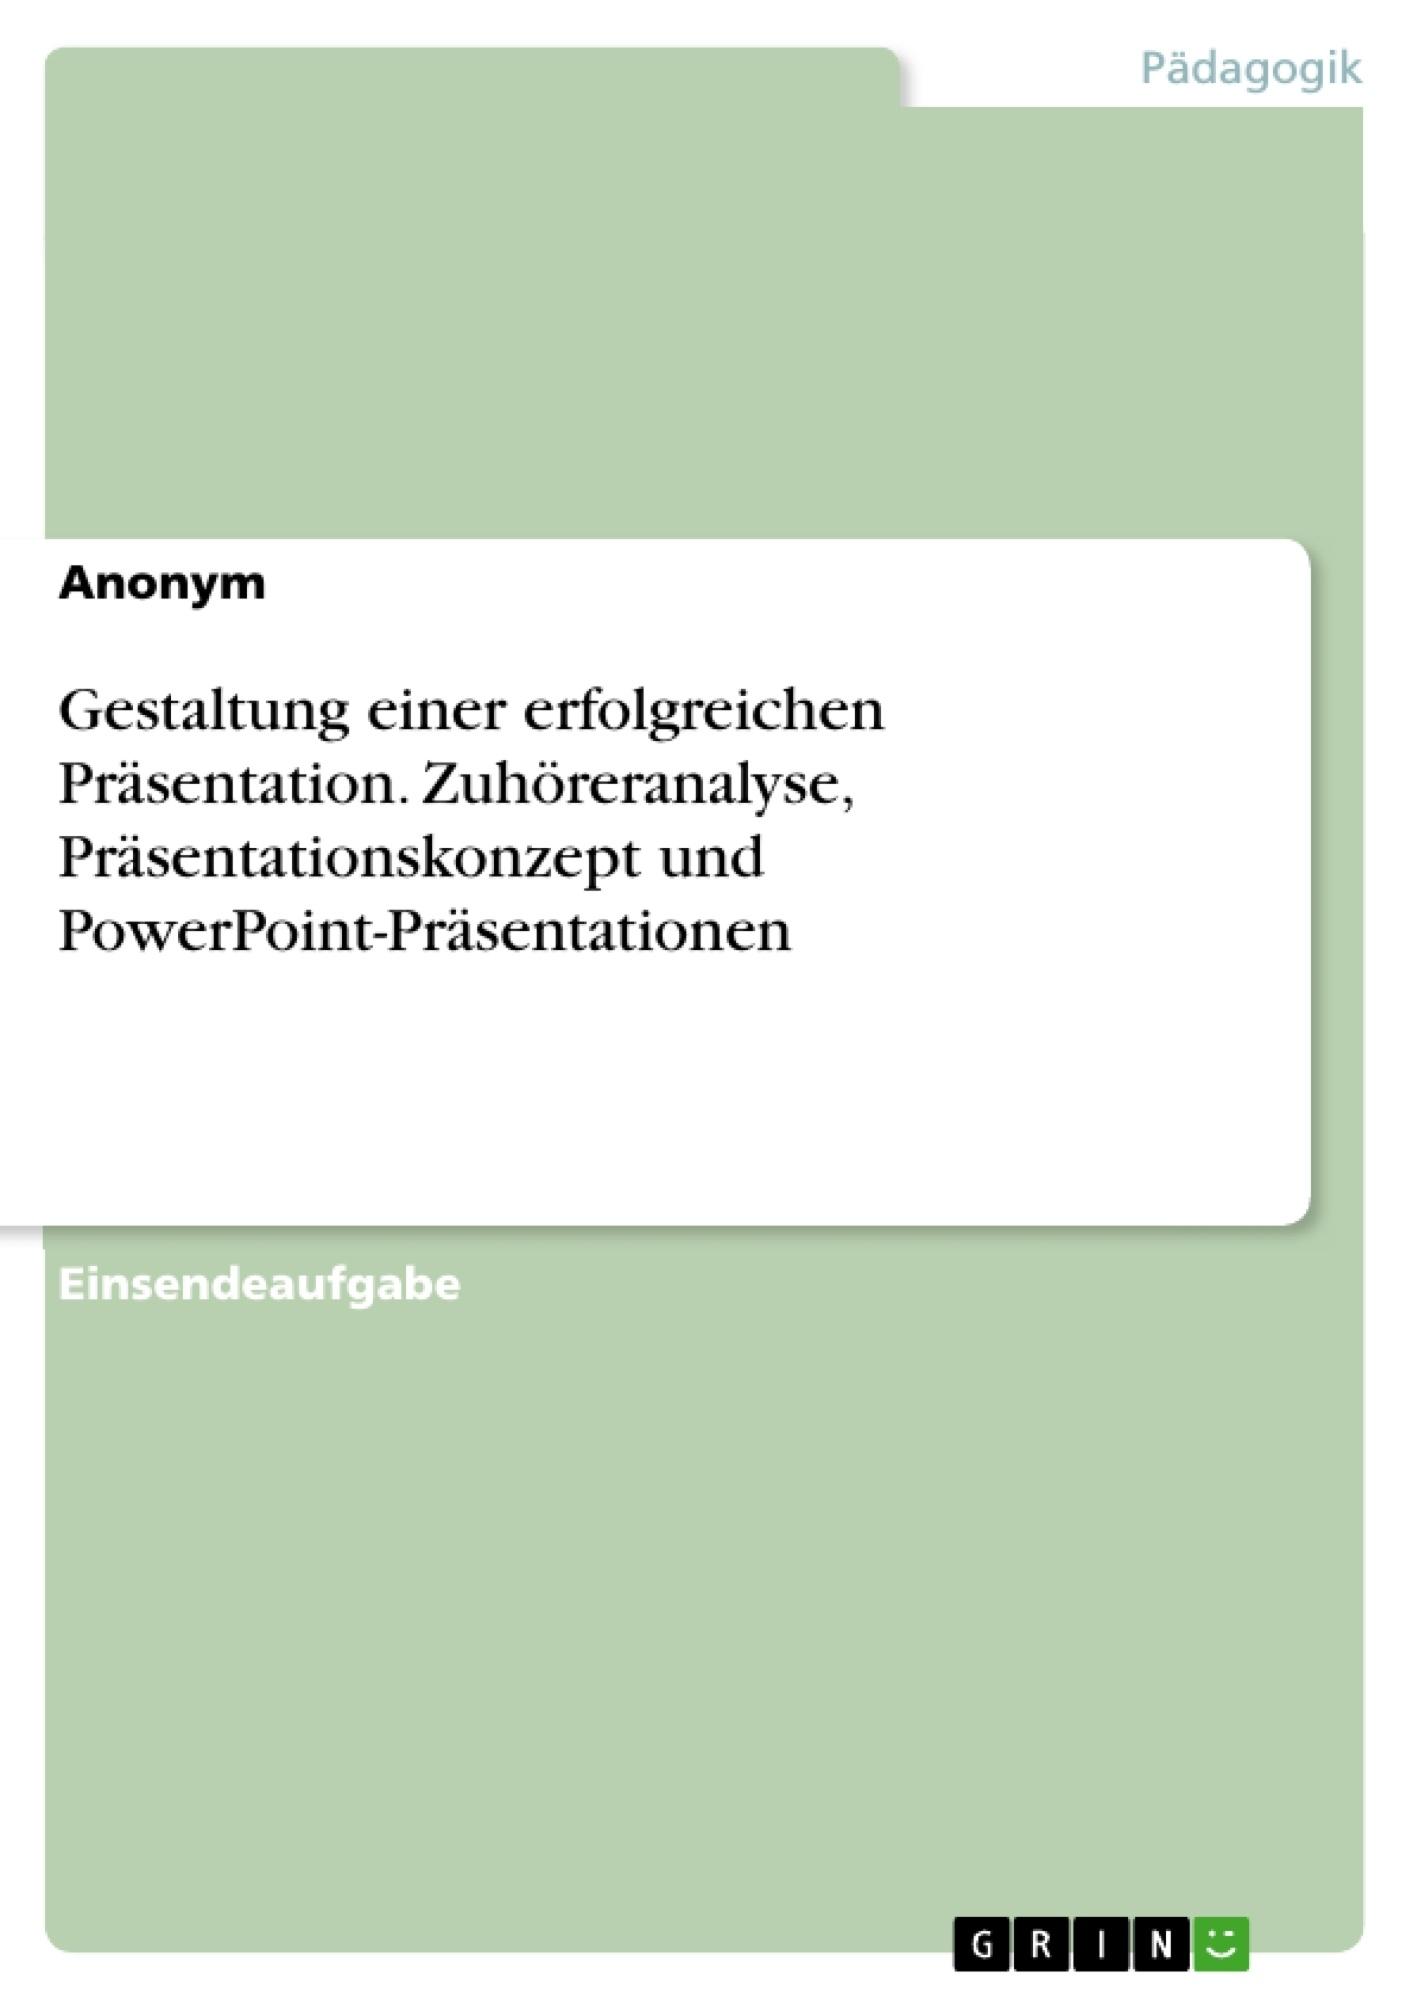 Titel: Gestaltung einer erfolgreichen Präsentation. Zuhöreranalyse, Präsentationskonzept und PowerPoint-Präsentationen